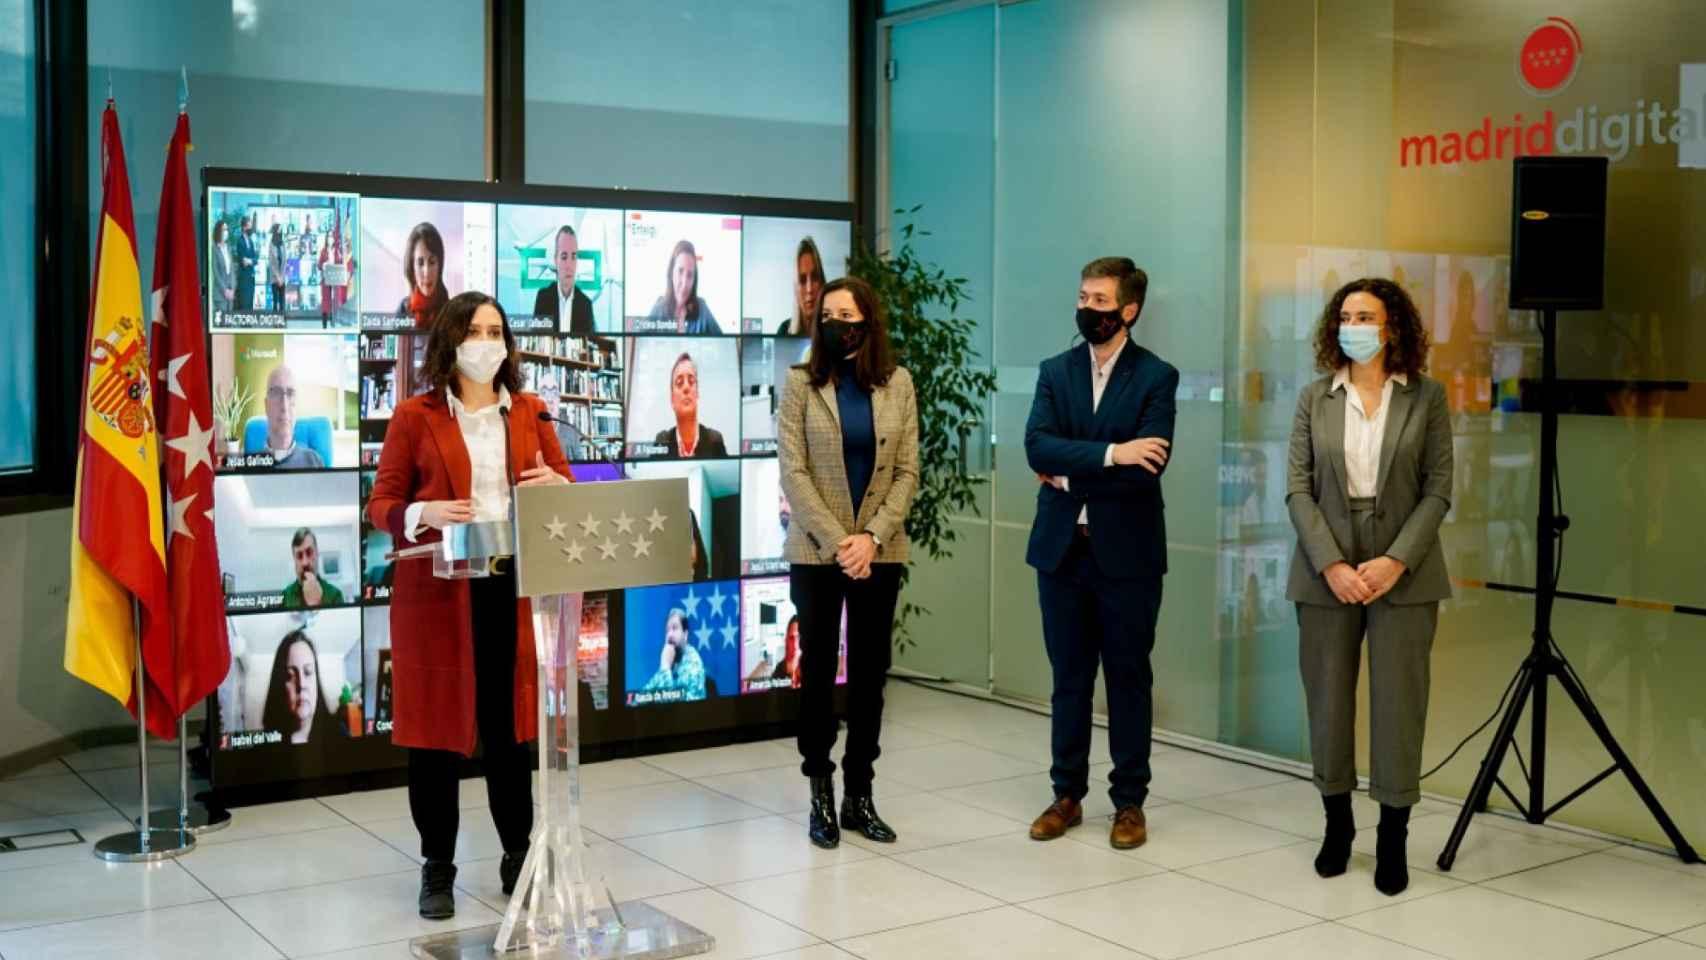 Díaz Ayuso, durante la presentación de Factoría Digital este miércoles. FOTO: Comunidad de Madrid.